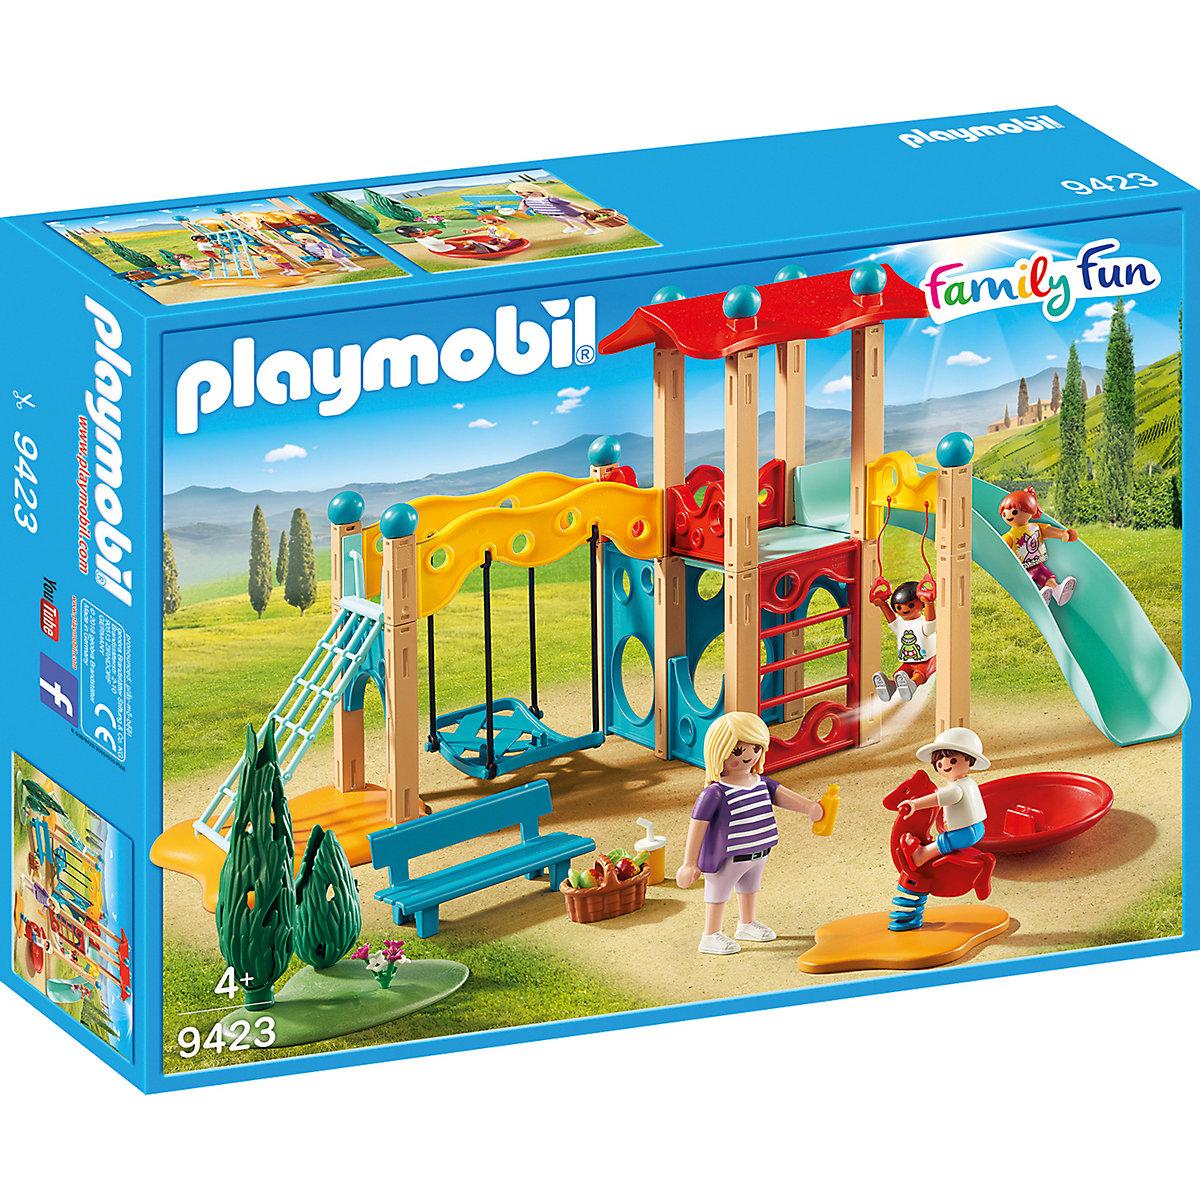 8cbd2d788 Playmobil 9423 velké dětské hřiště empty